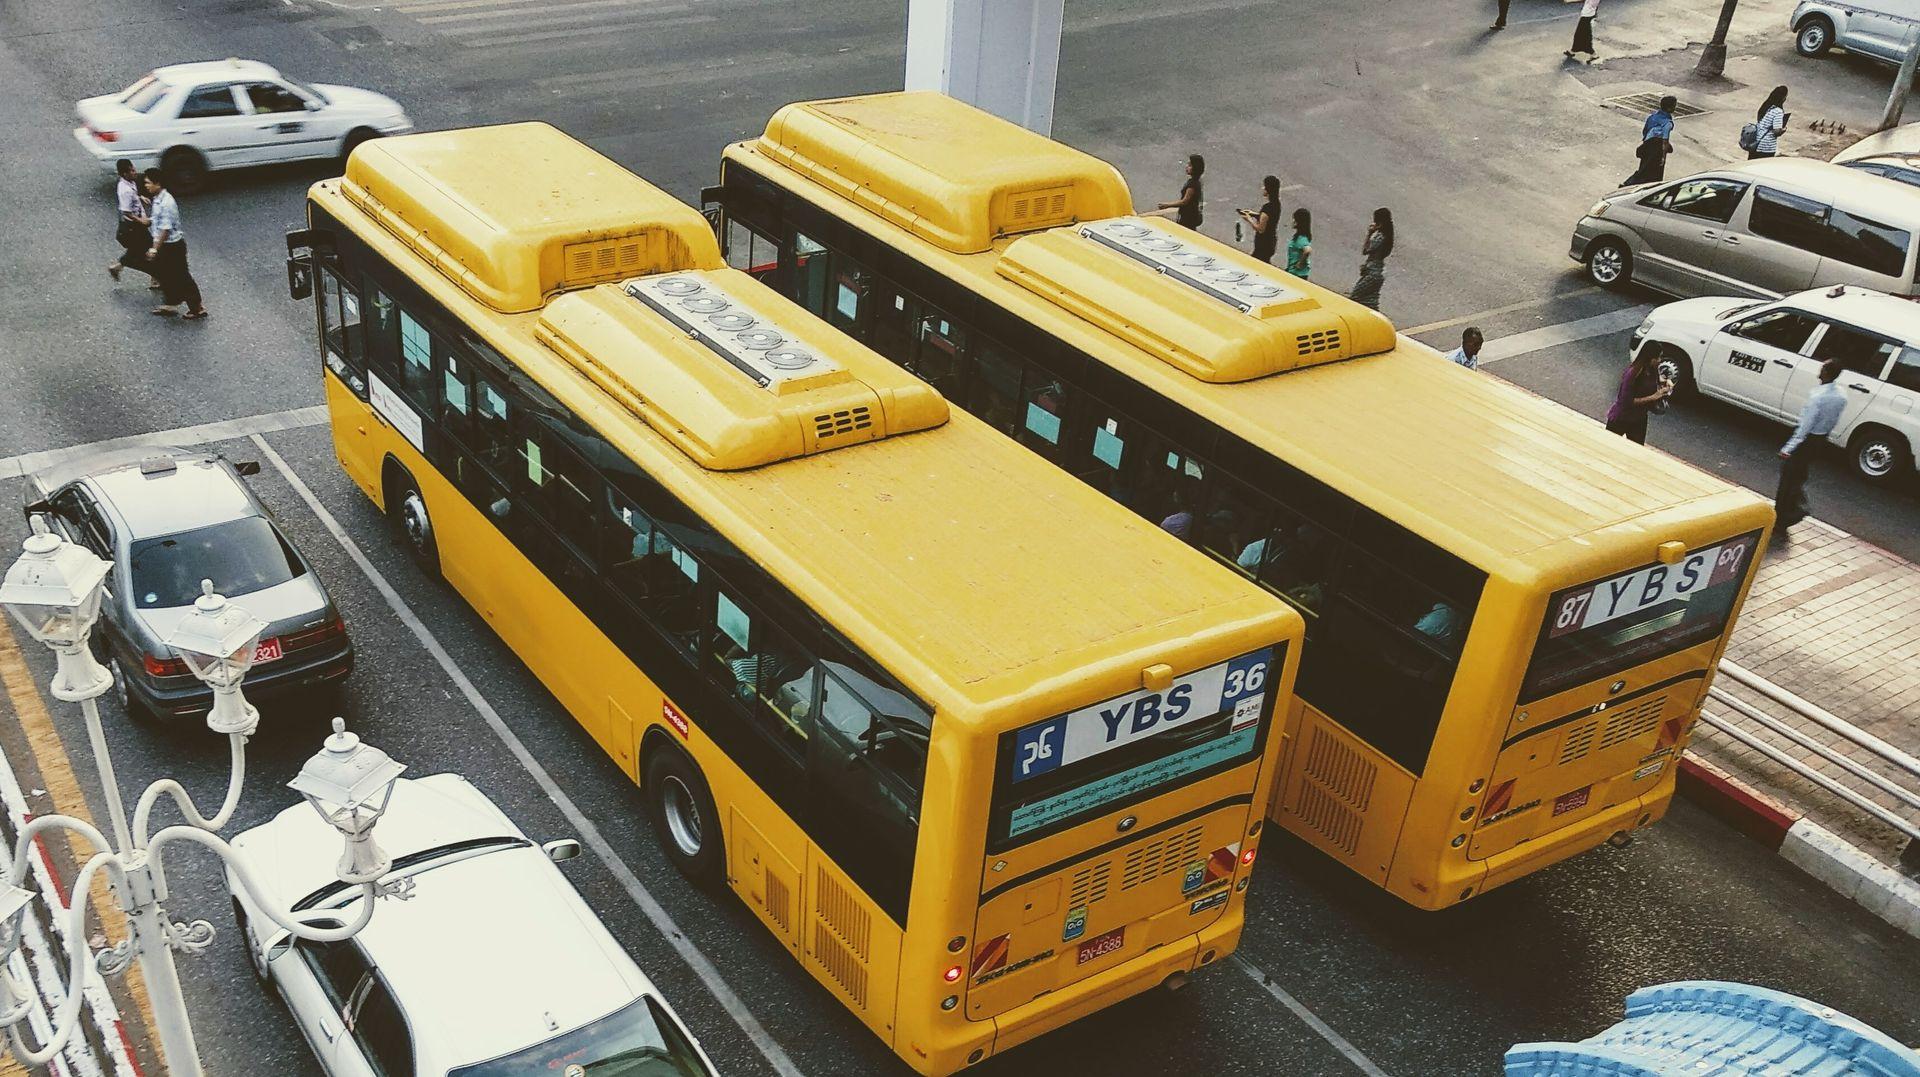 ЄБРР надає 280 млн грн на тролейбуси для Кропивницького